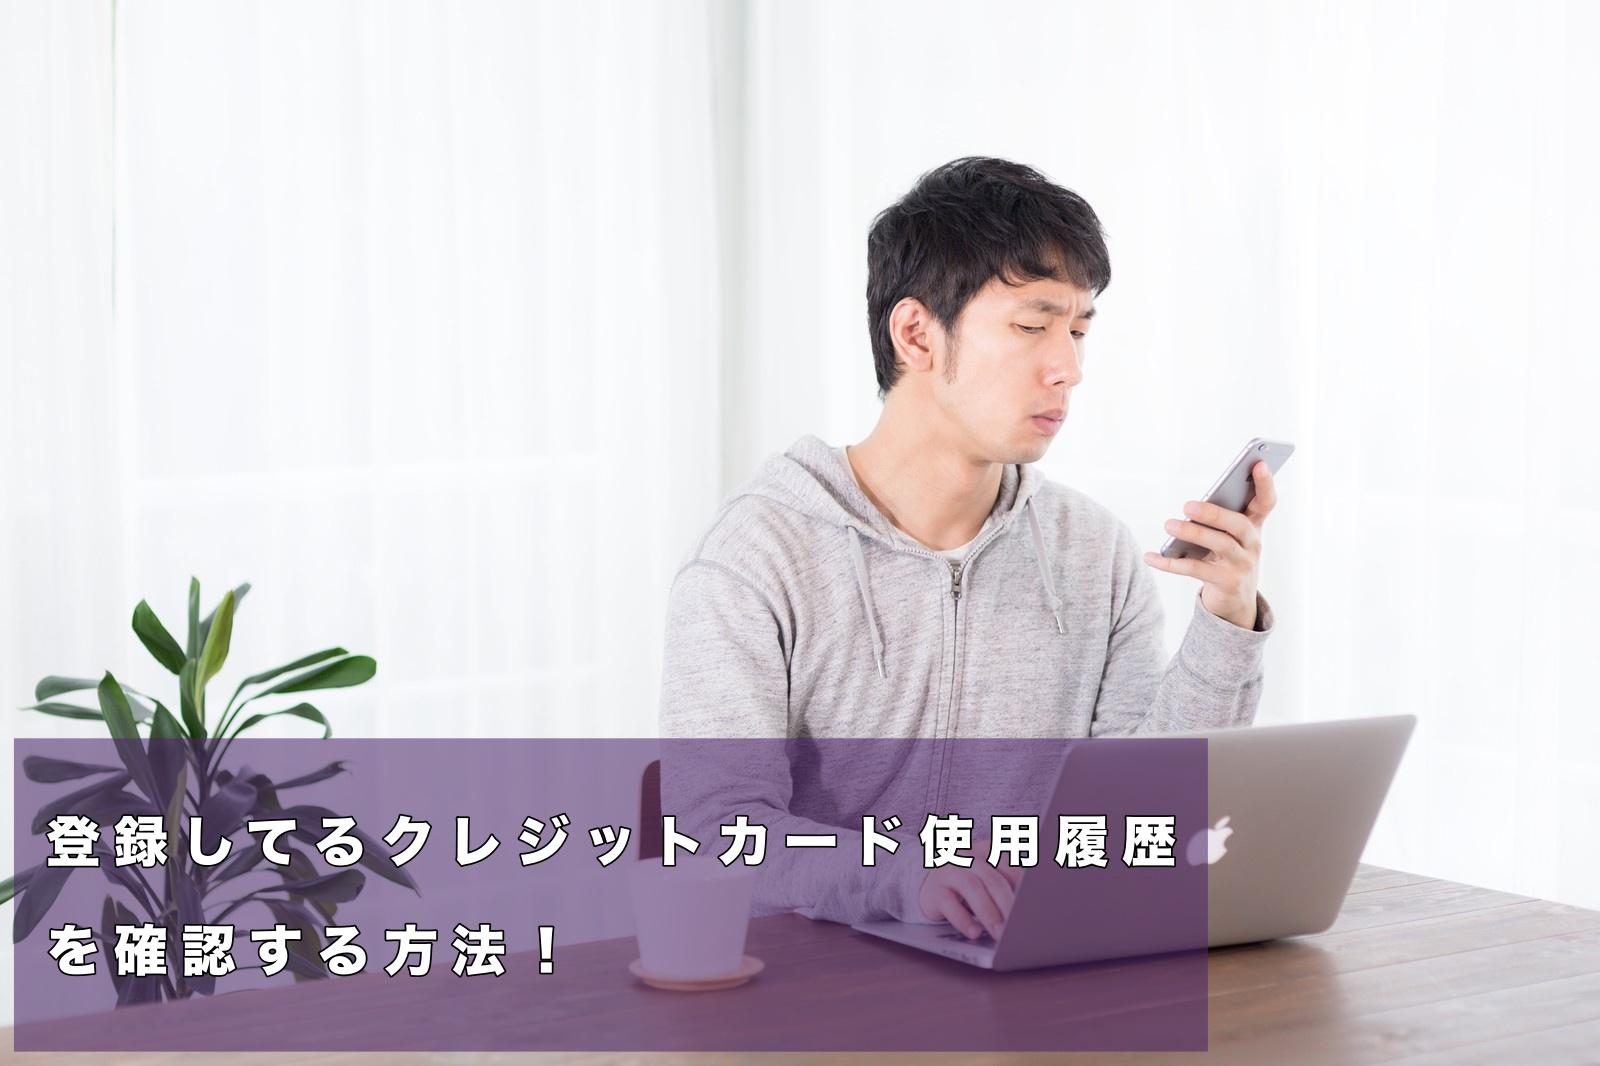 iphoneに登録してるクレジットカード使用履歴を確認する方法!